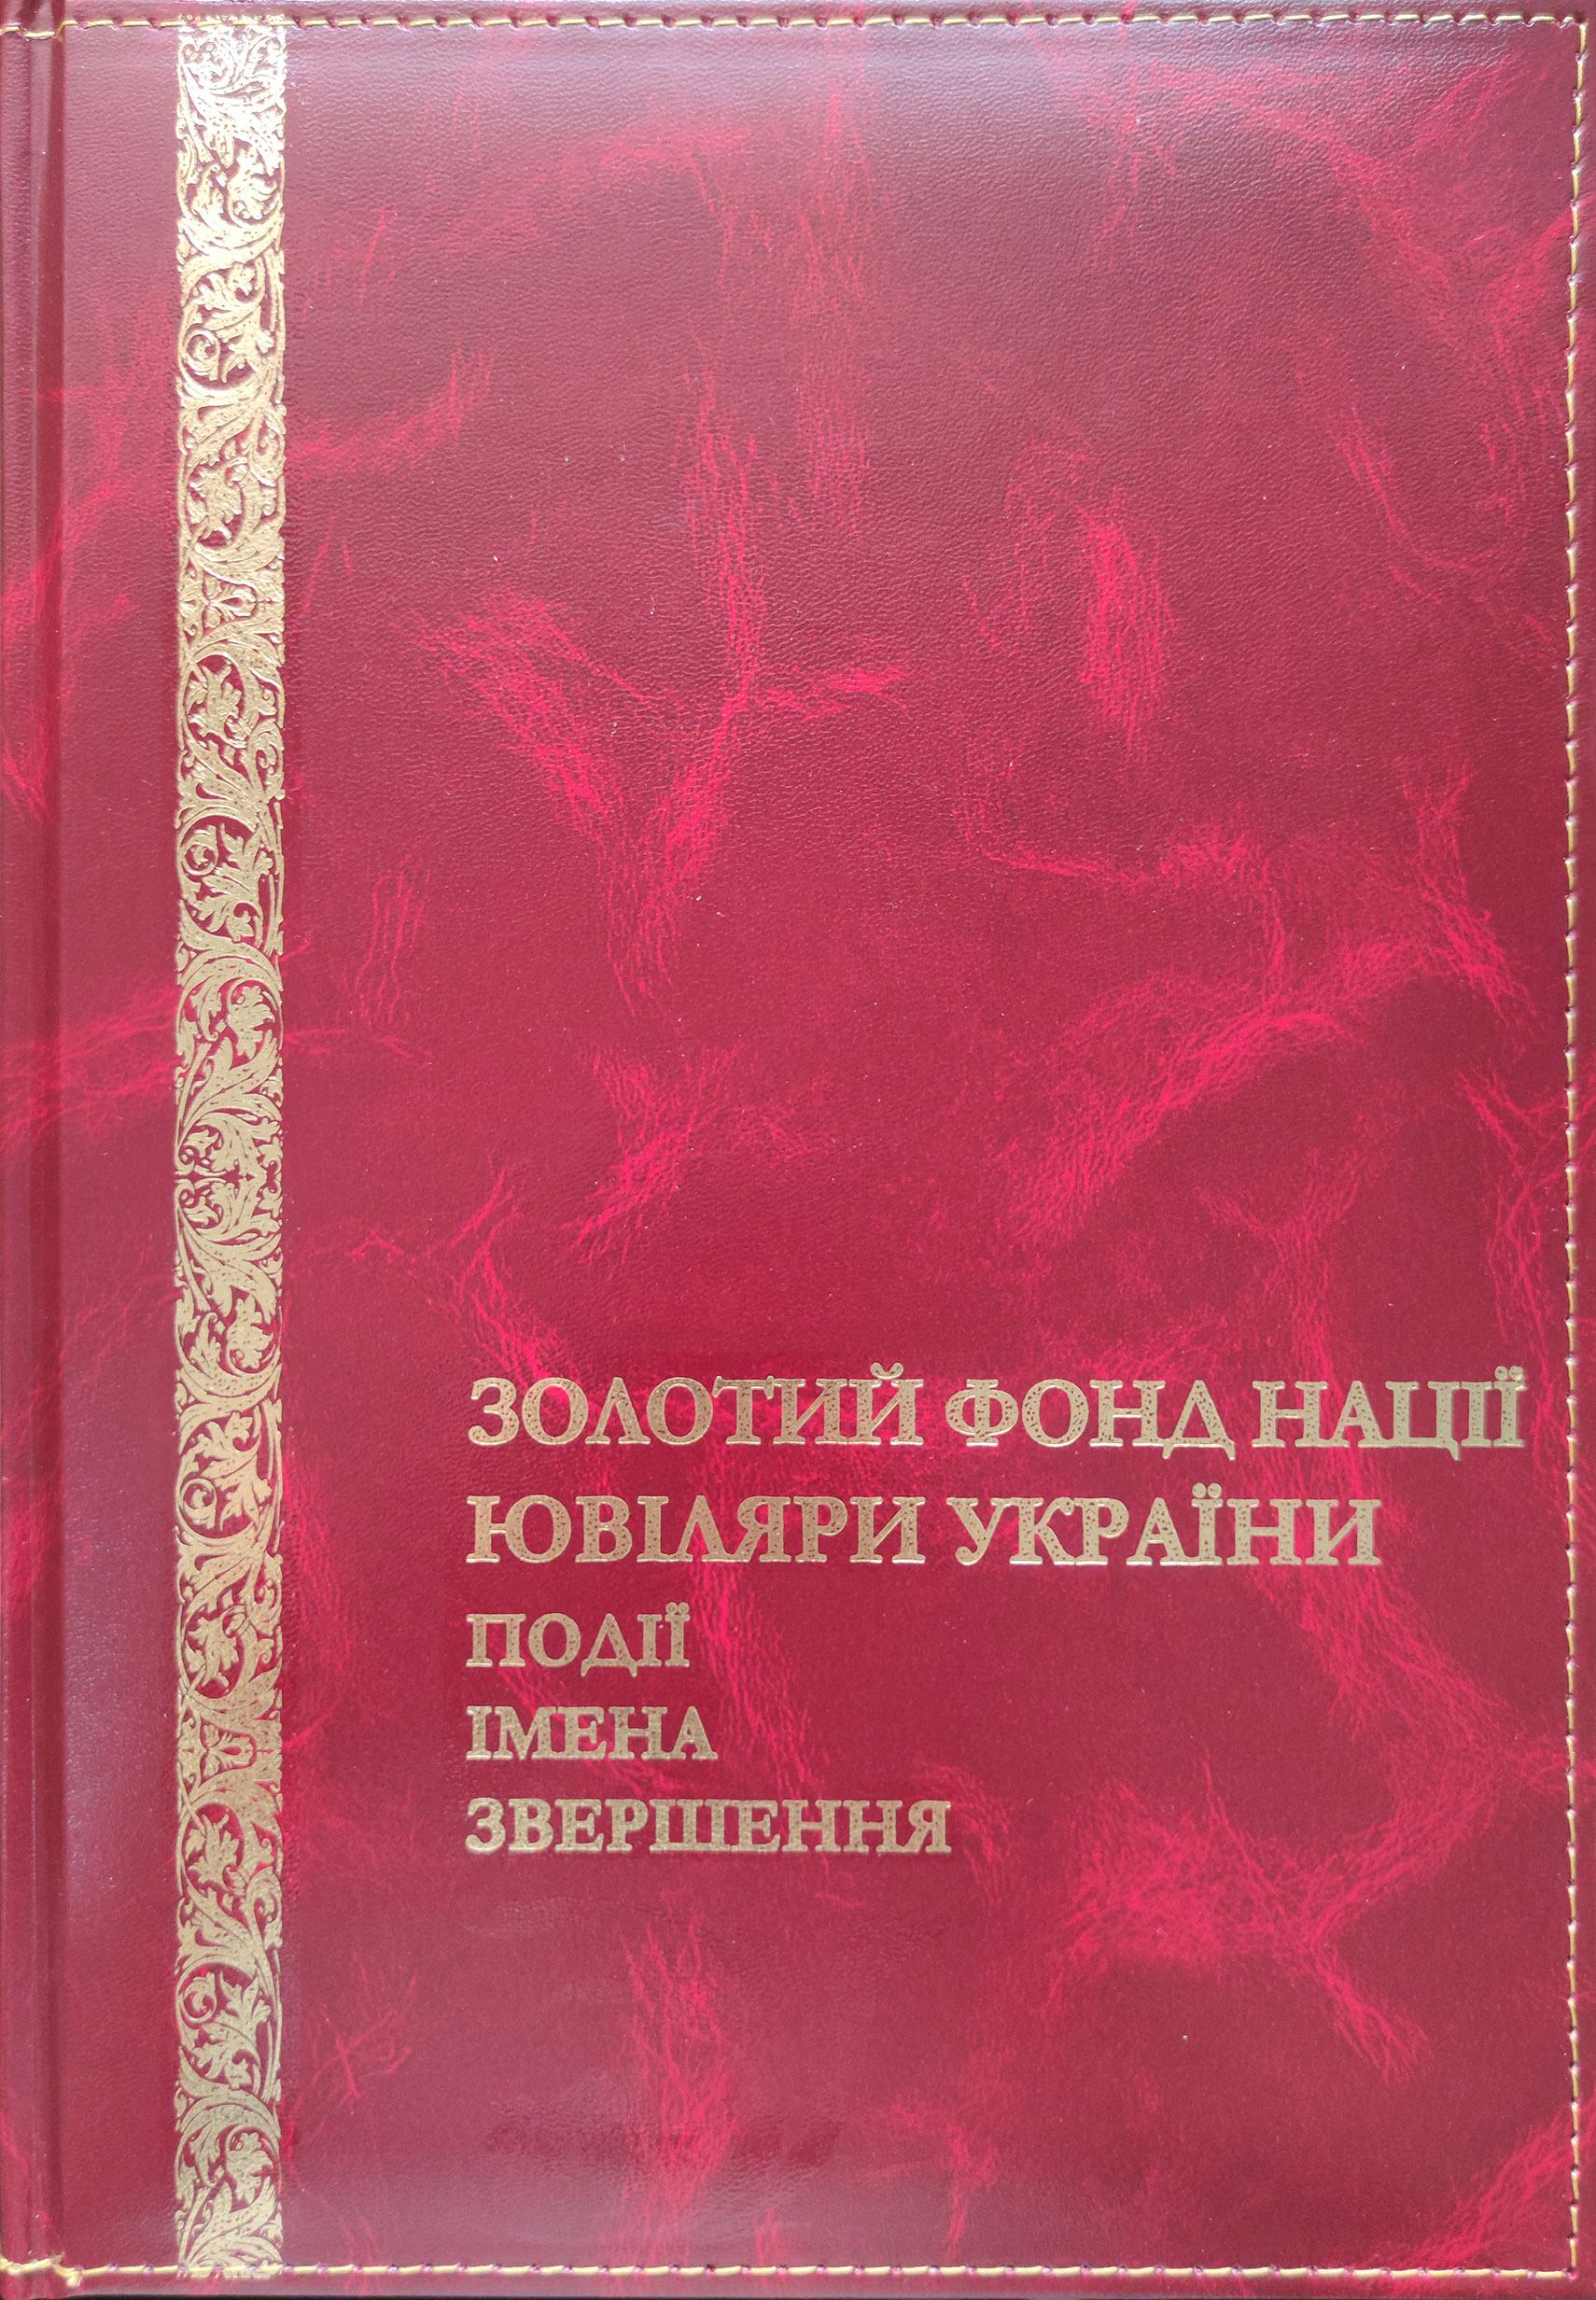 Золотий фонд нації: Ювіляри України. Події. Імена. Звершення 2021